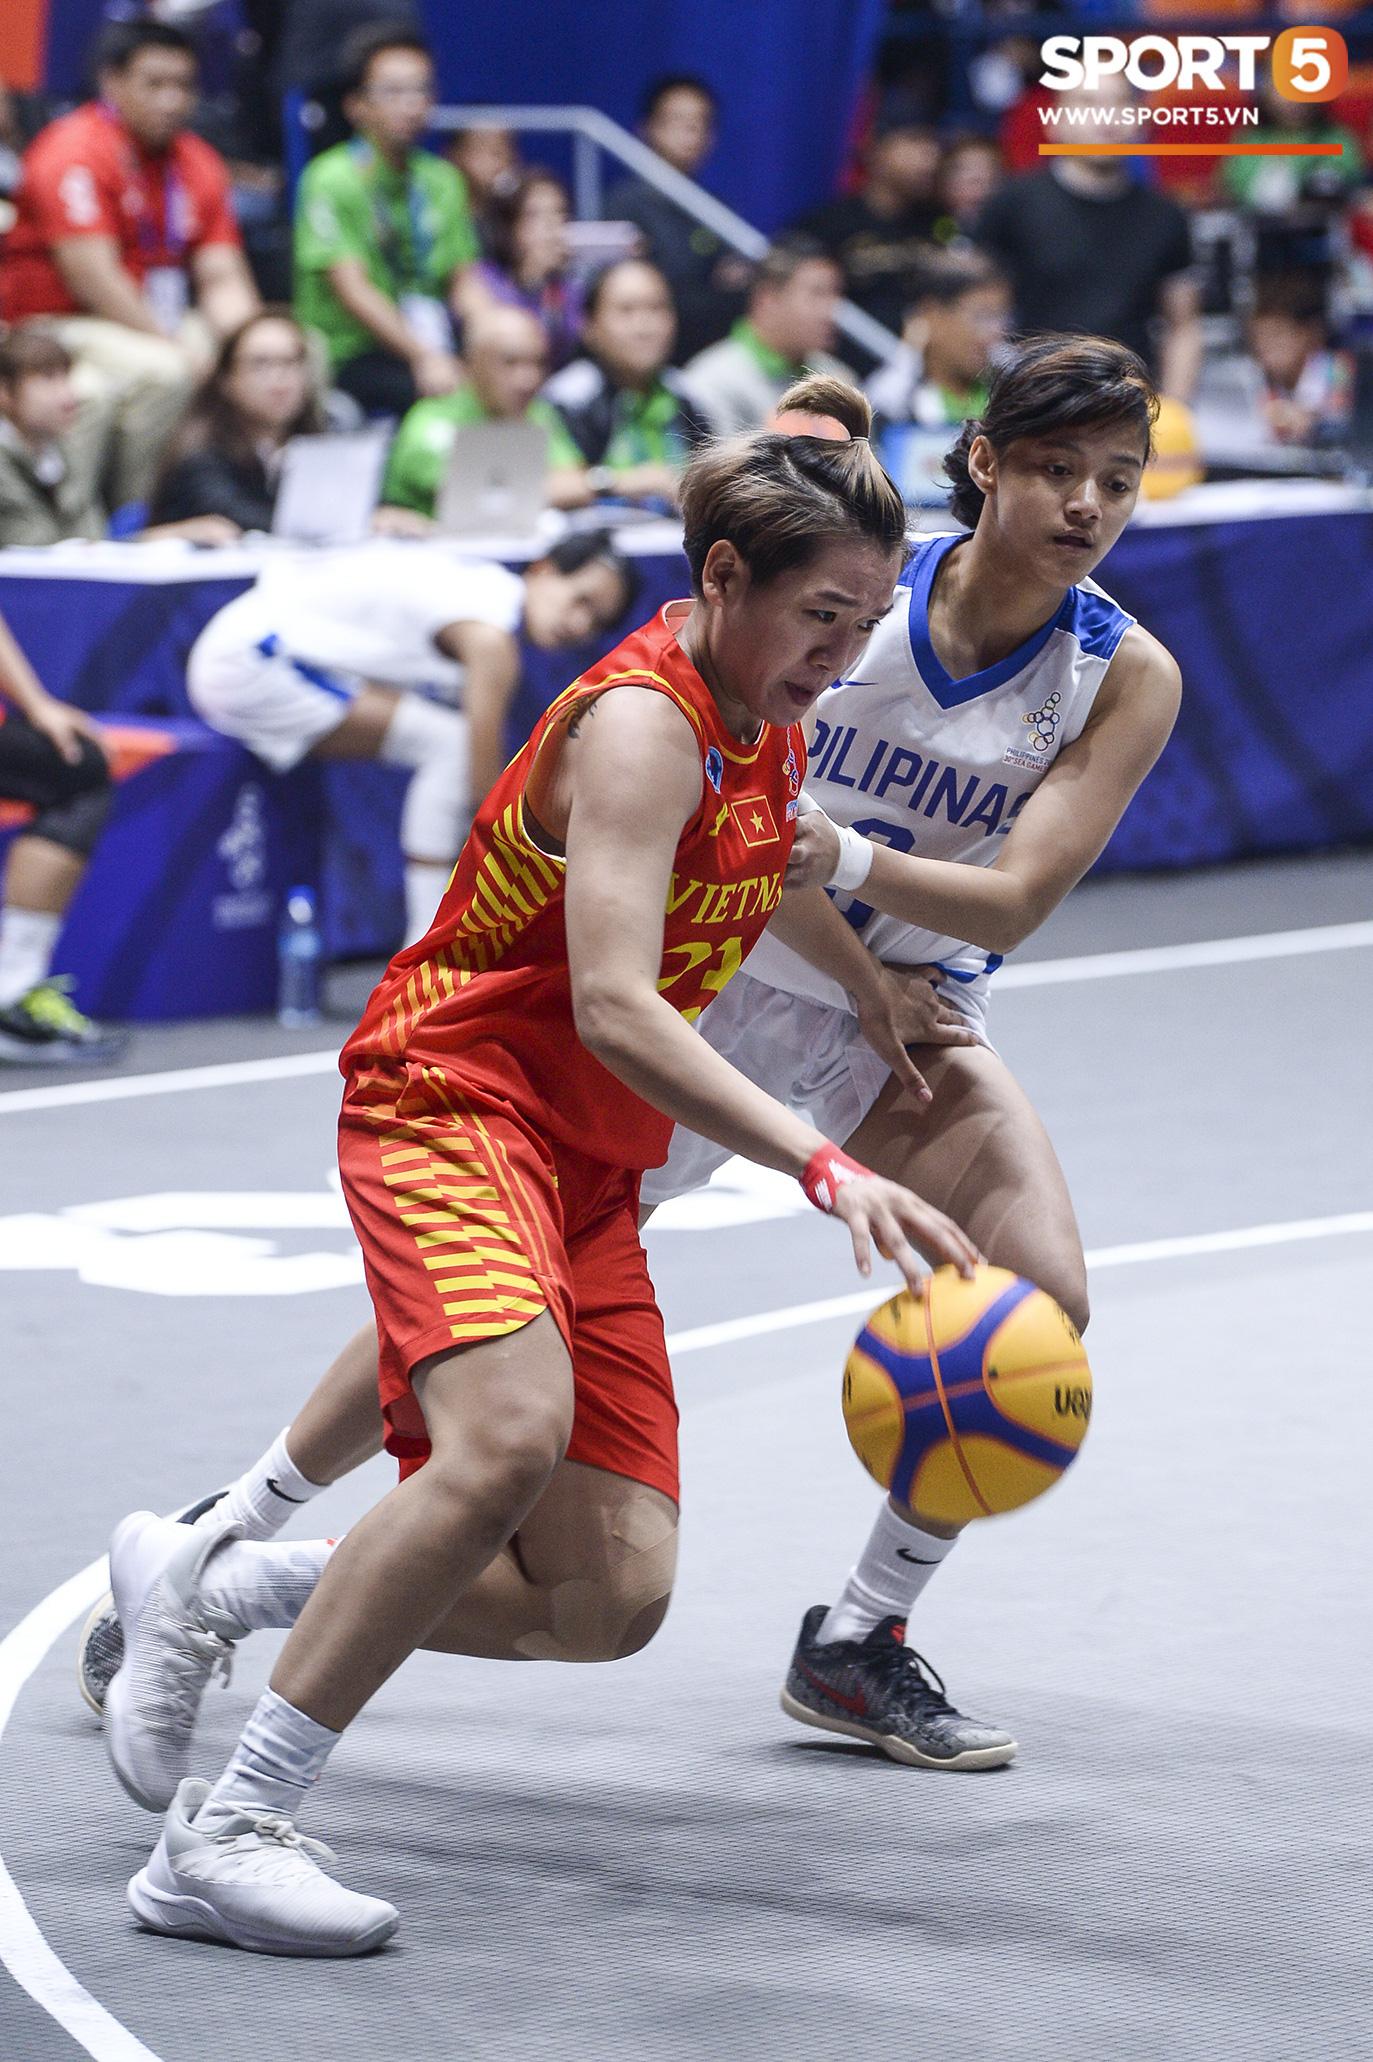 Nỗ lực hết mình nhưng vẫn không thể tạo nên bất ngờ trước Philippines, đội tuyển nữ Việt Nam vẫn còn cơ hội cạnh tranh huy chương đồng tại SEA Games 30 - Ảnh 7.